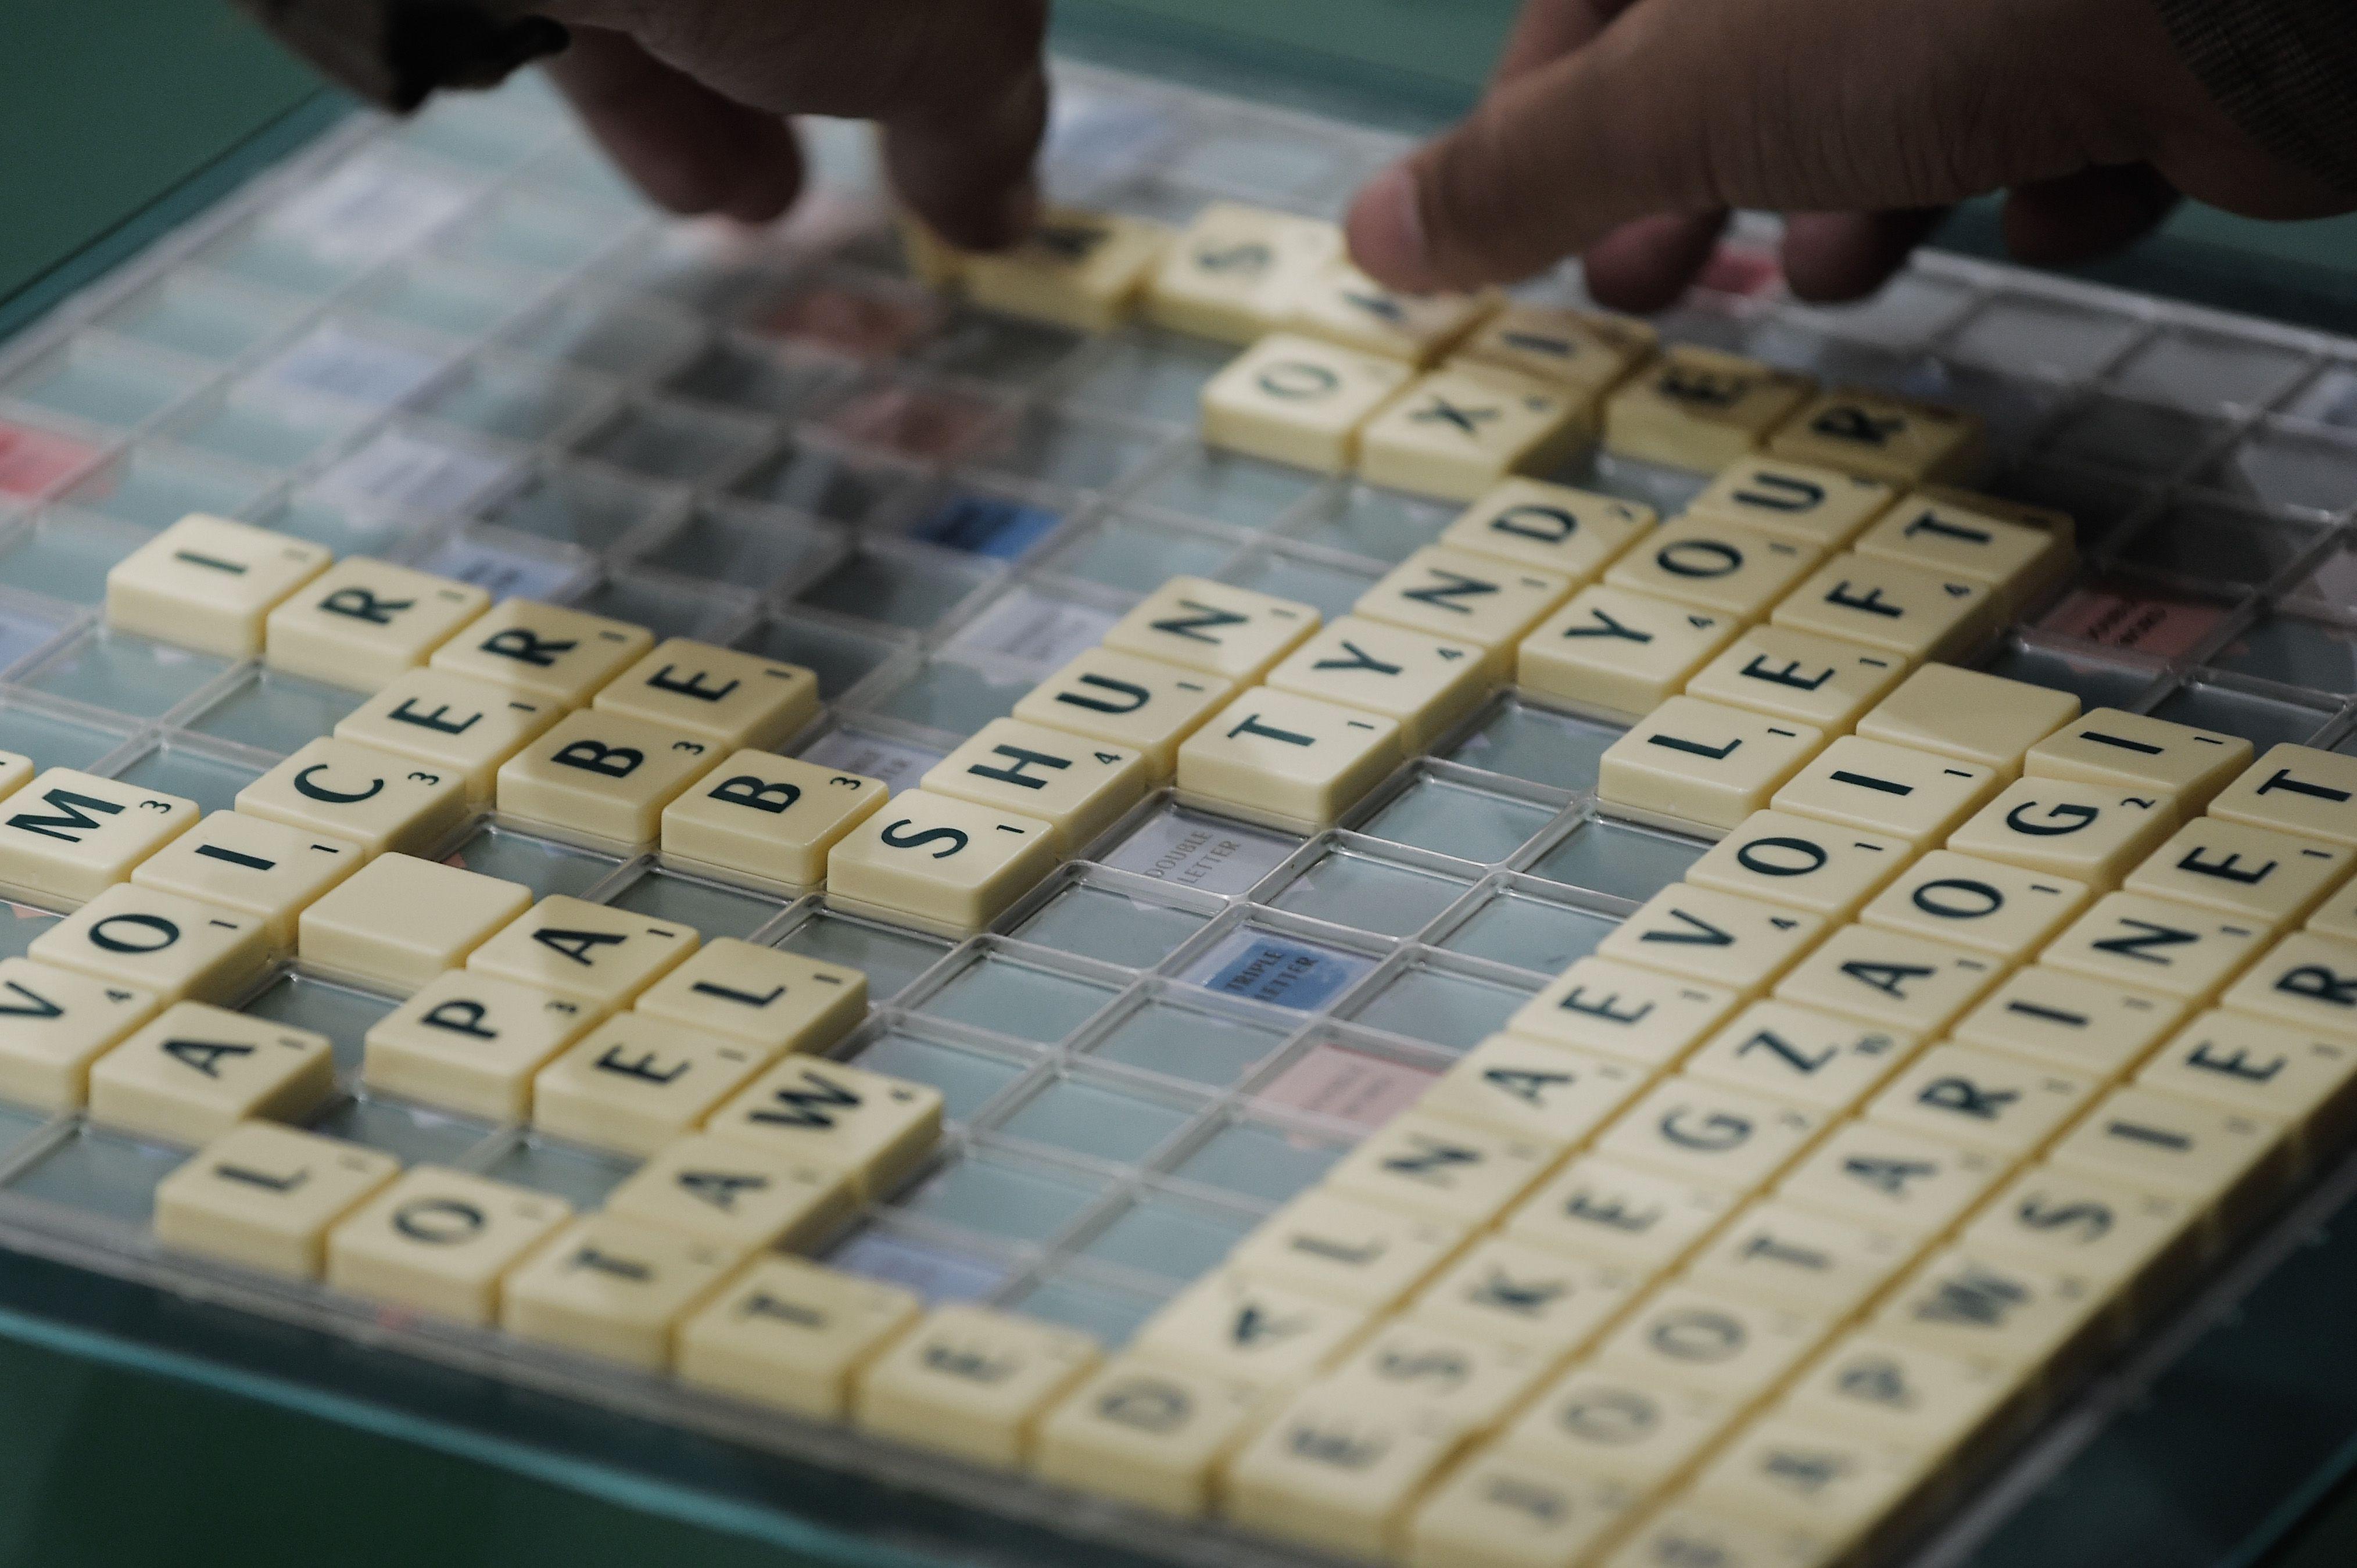 Resultado de imagen para Dirty Scrabble